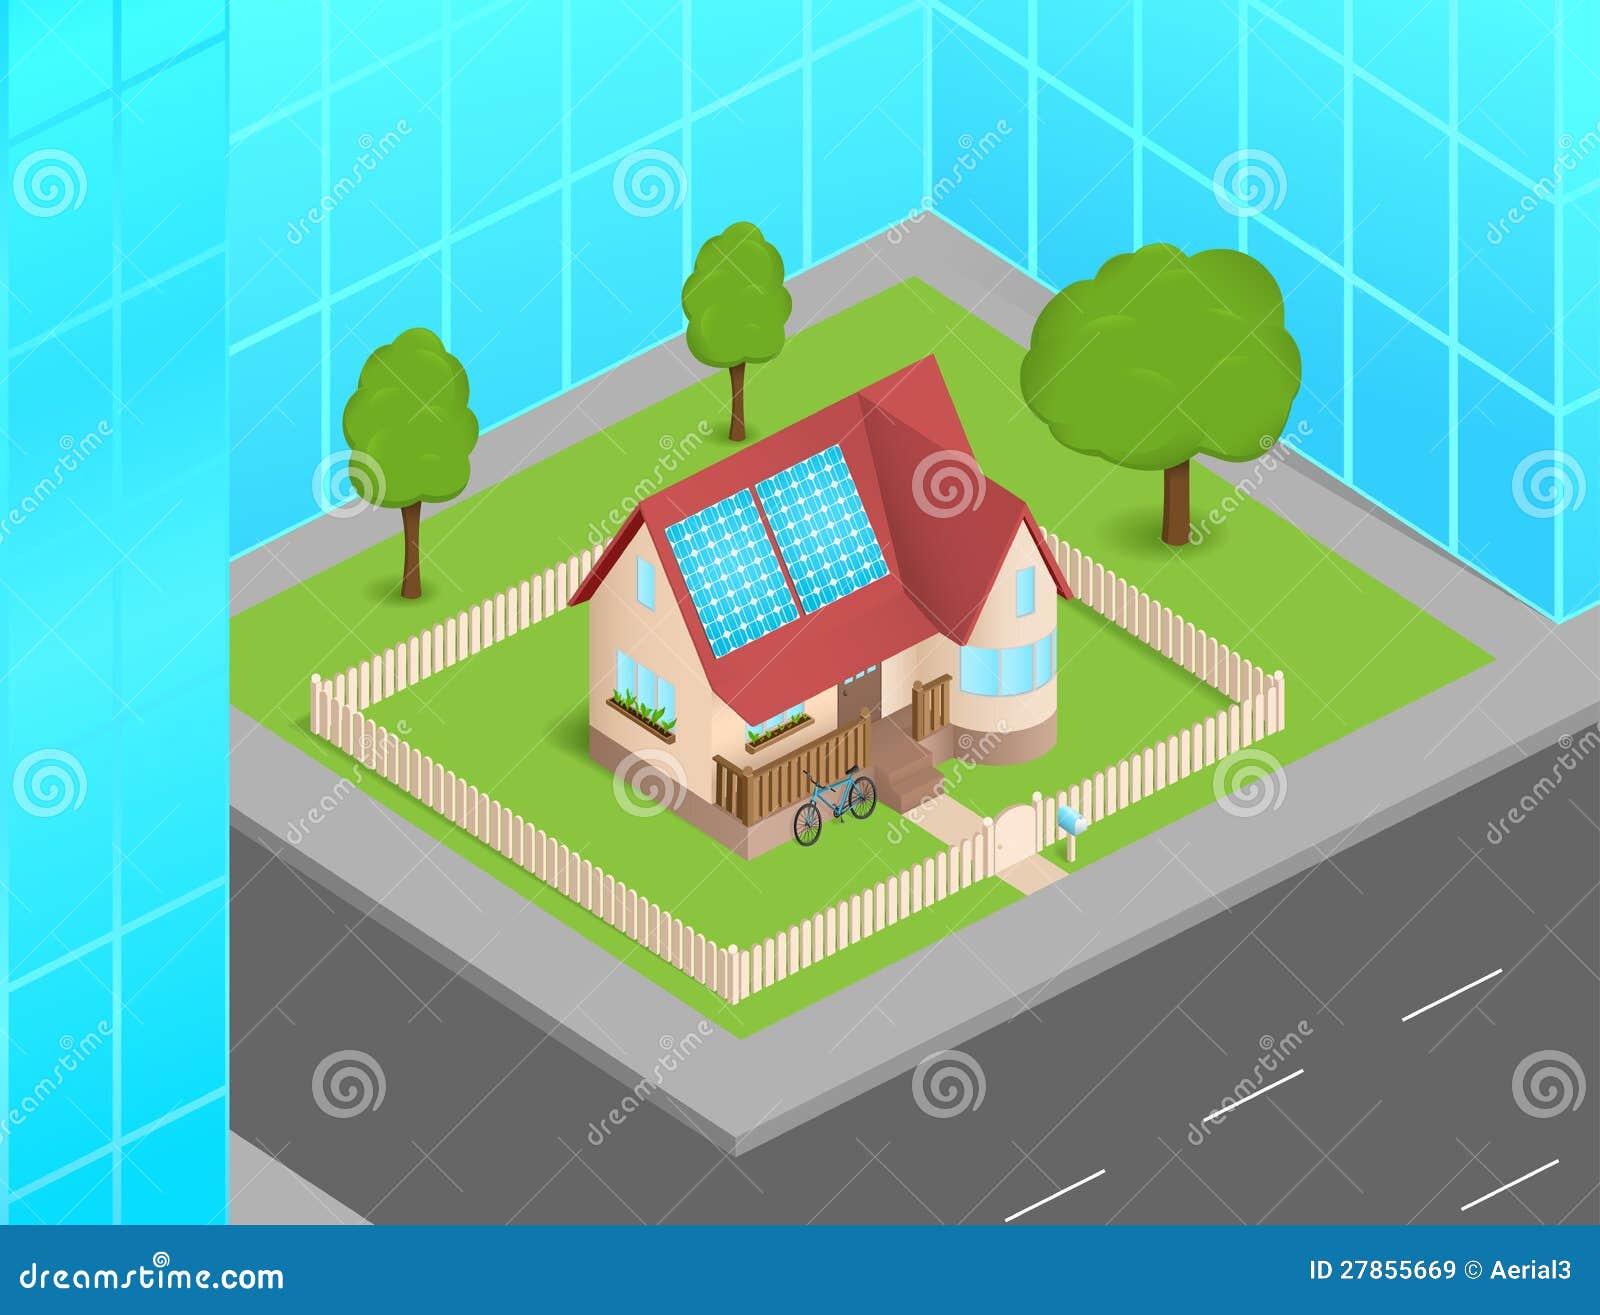 kleines haus mit solarzellen zwischen wolkenkratzern vektor abbildung bild 27855669. Black Bedroom Furniture Sets. Home Design Ideas